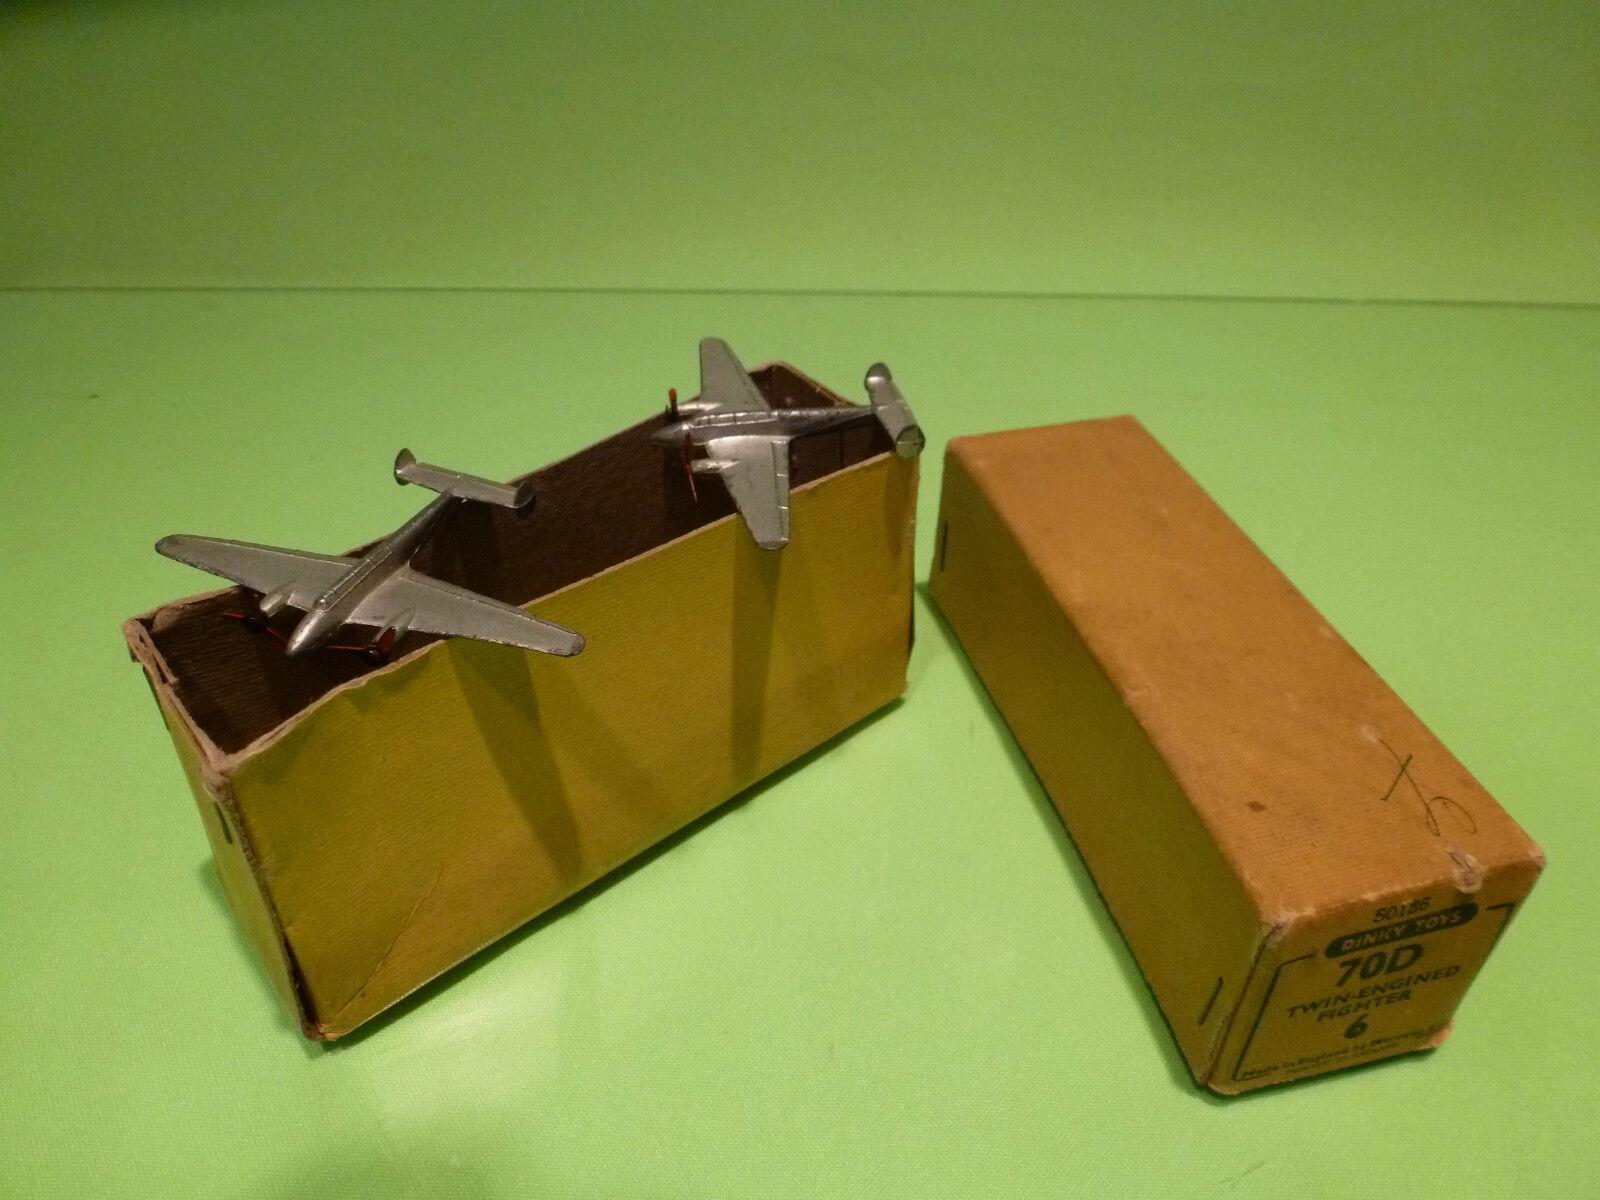 Schäbiges spielzeug 70d 2x zweimotoriger kämpfer - gut in der box